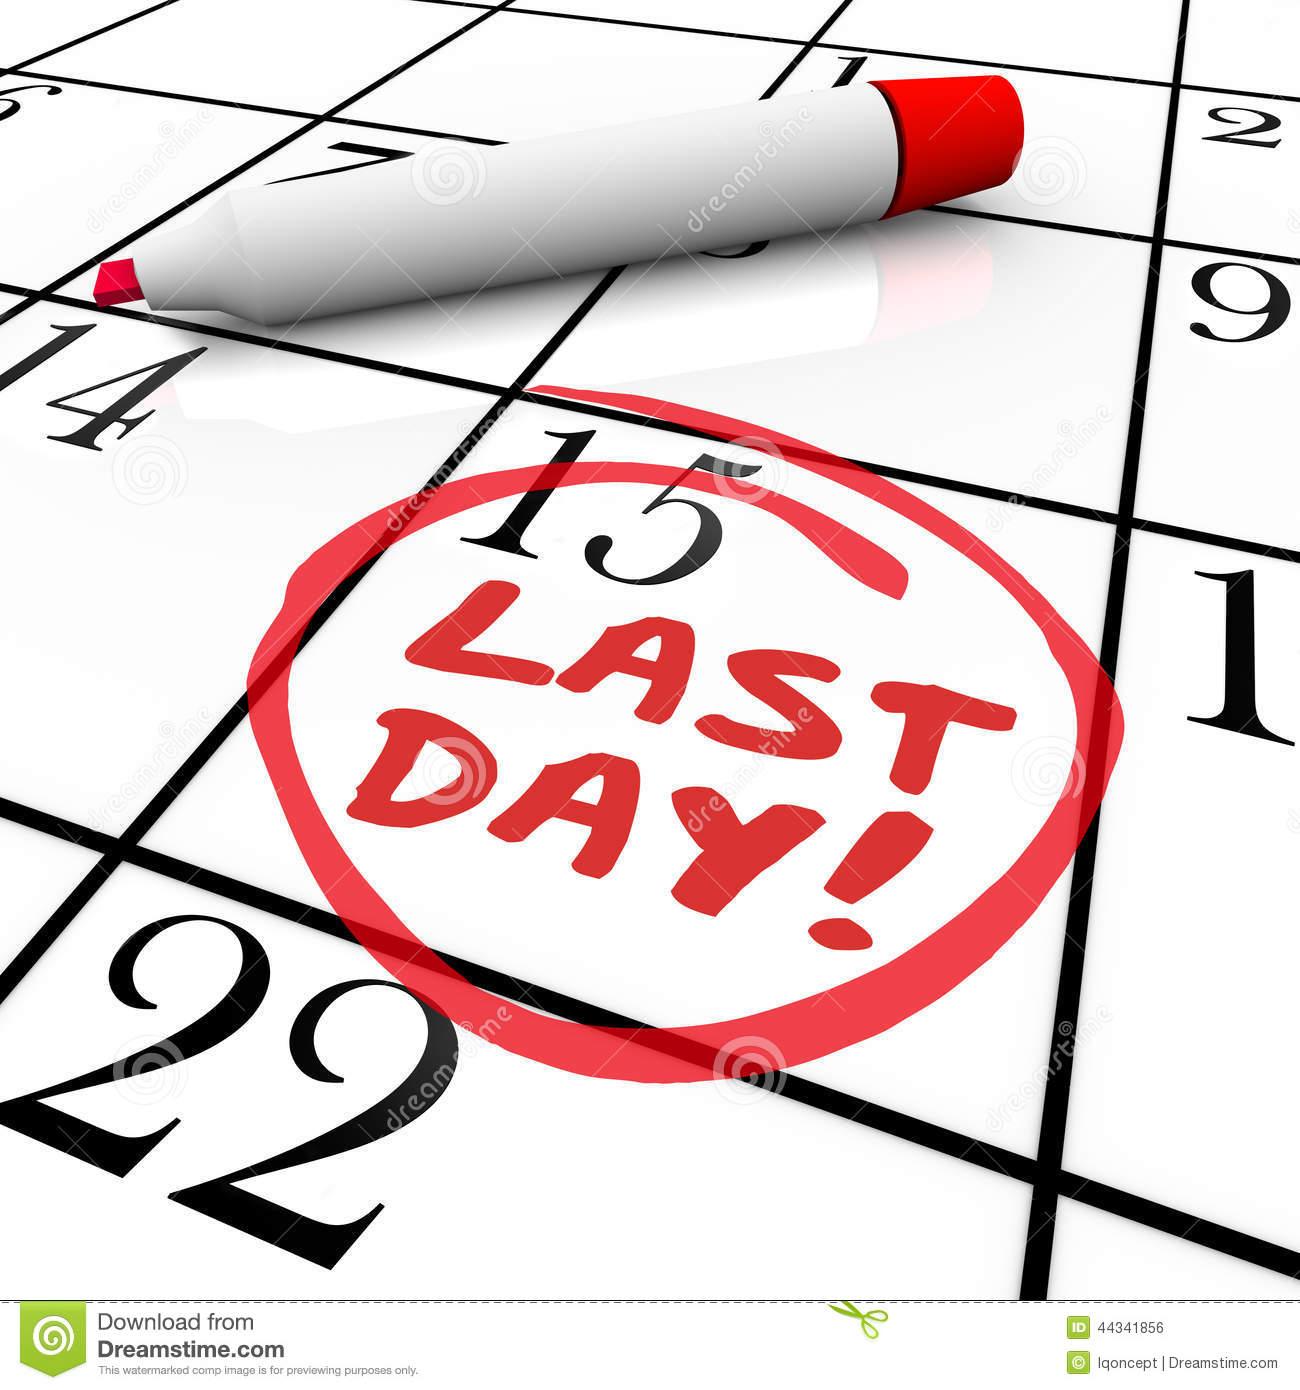 Clip Art Calendar Reminder : Deadline clip art online free clipart panda